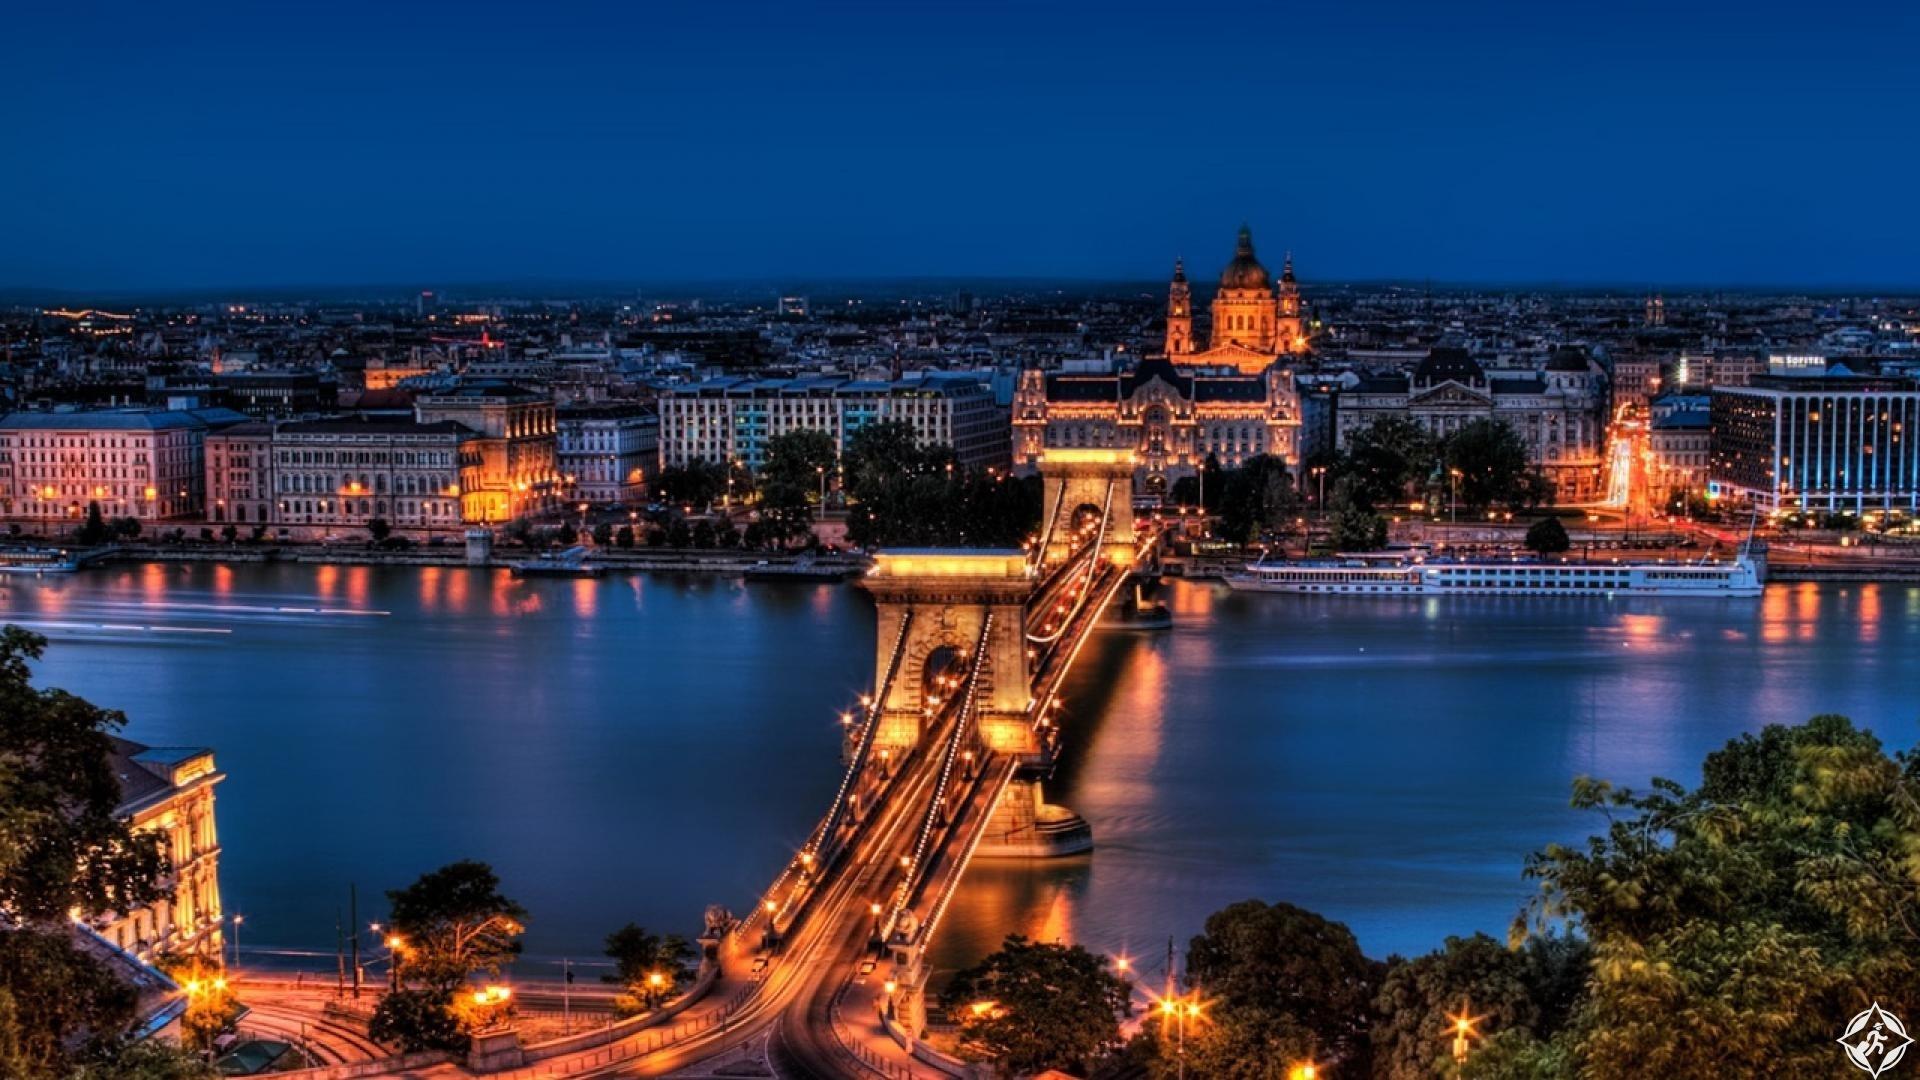 لهذه الأسباب ننصحك بالترحال و السفر إلى بودابست